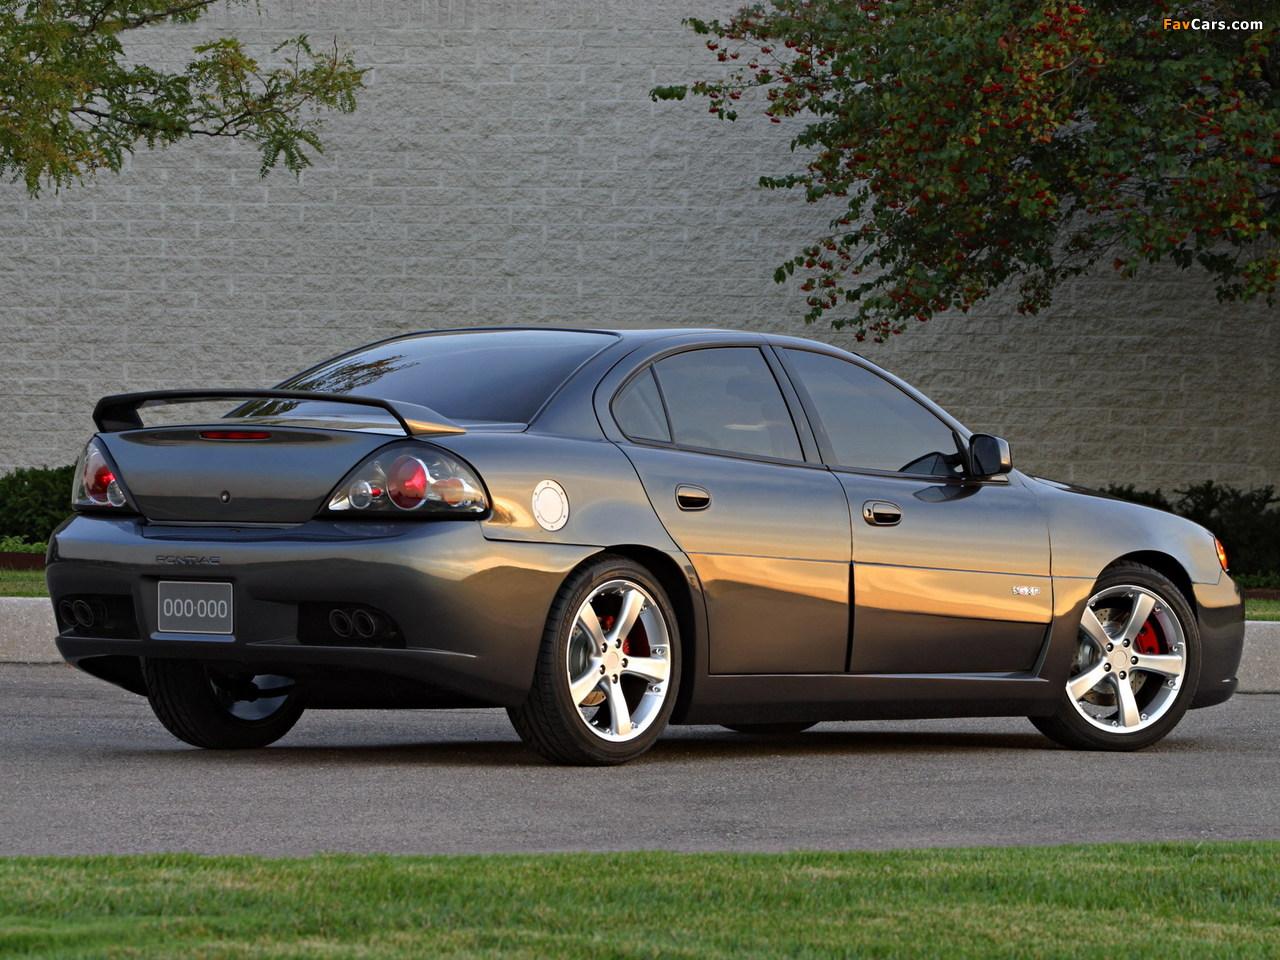 Pontiac Grand Am GXP Concept 2002 photos (1280 x 960)